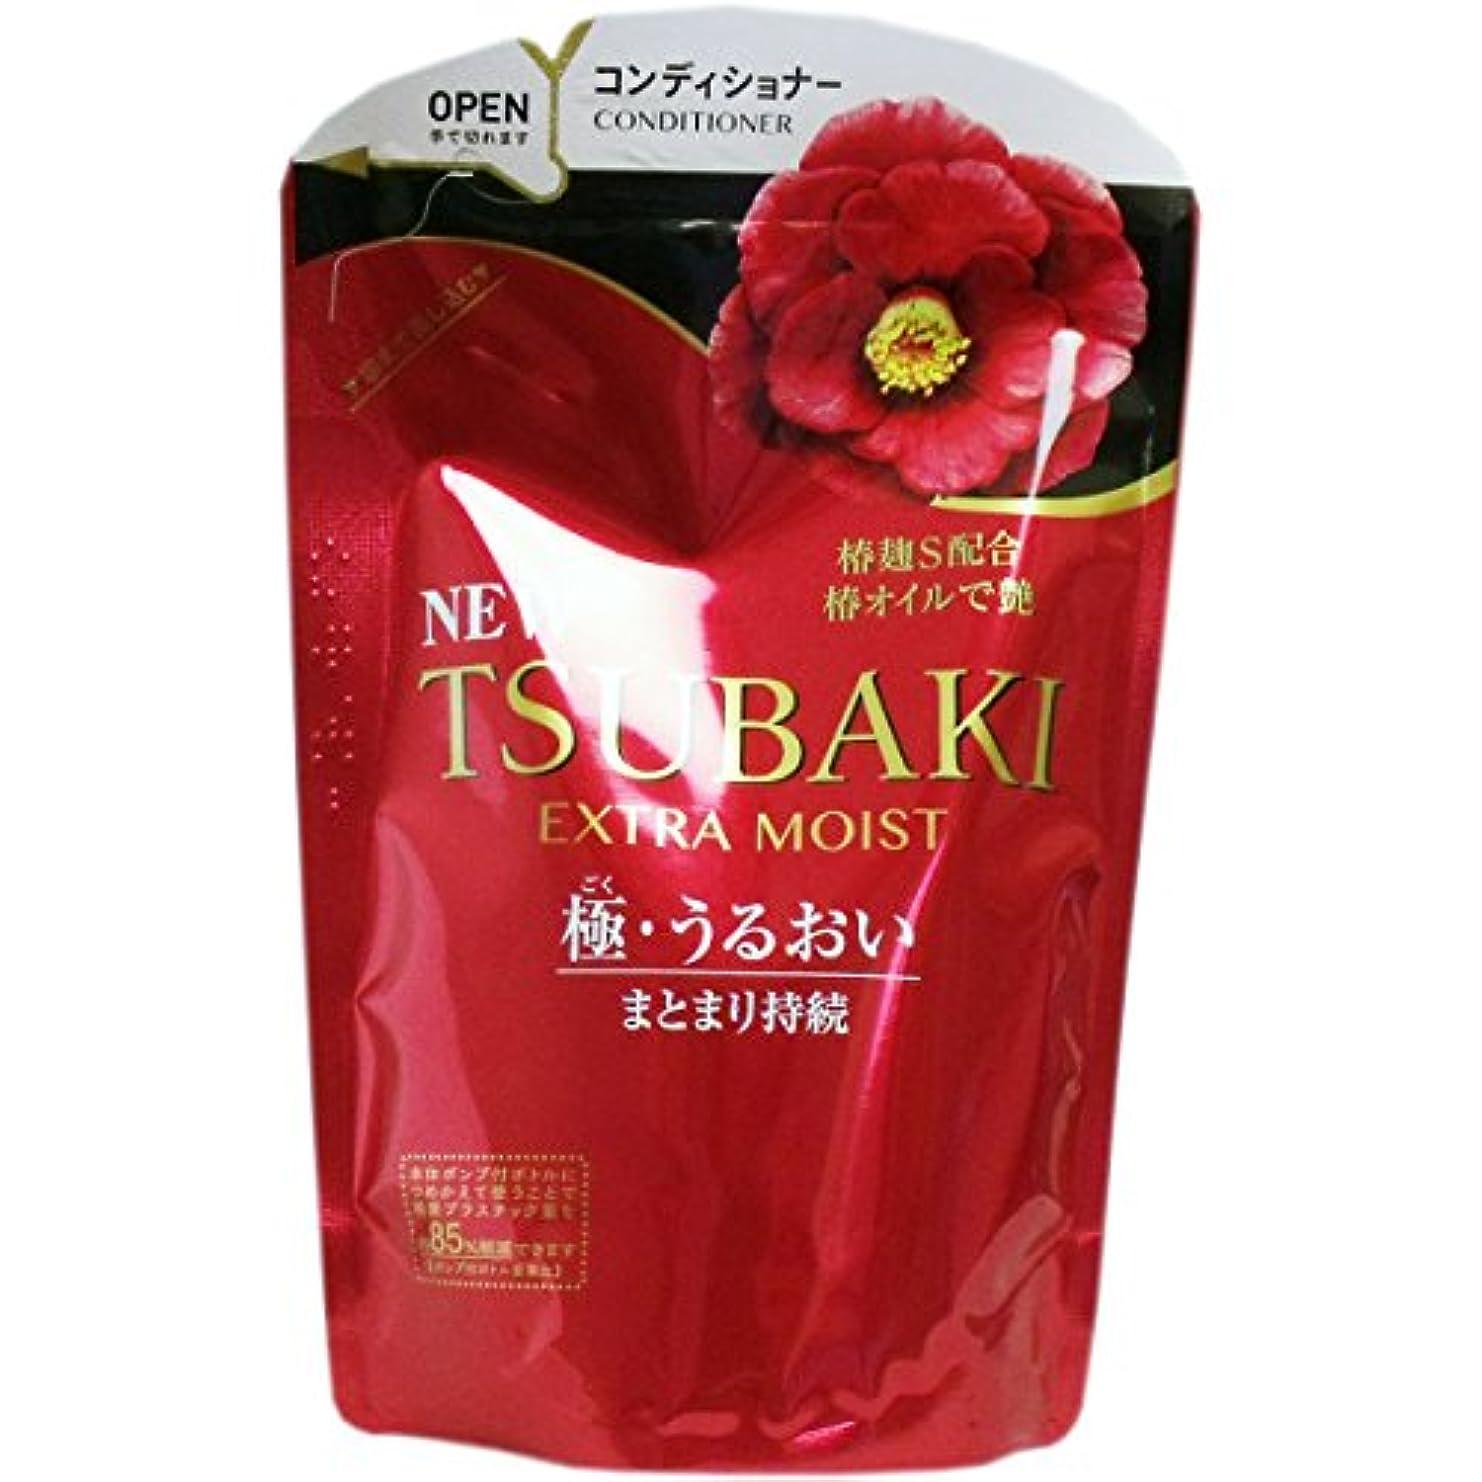 【まとめ買い】TSUBAKI エクストラモイスト コンディショナー 詰め替え用 (パサついて広がる髪用) 345ml×4個